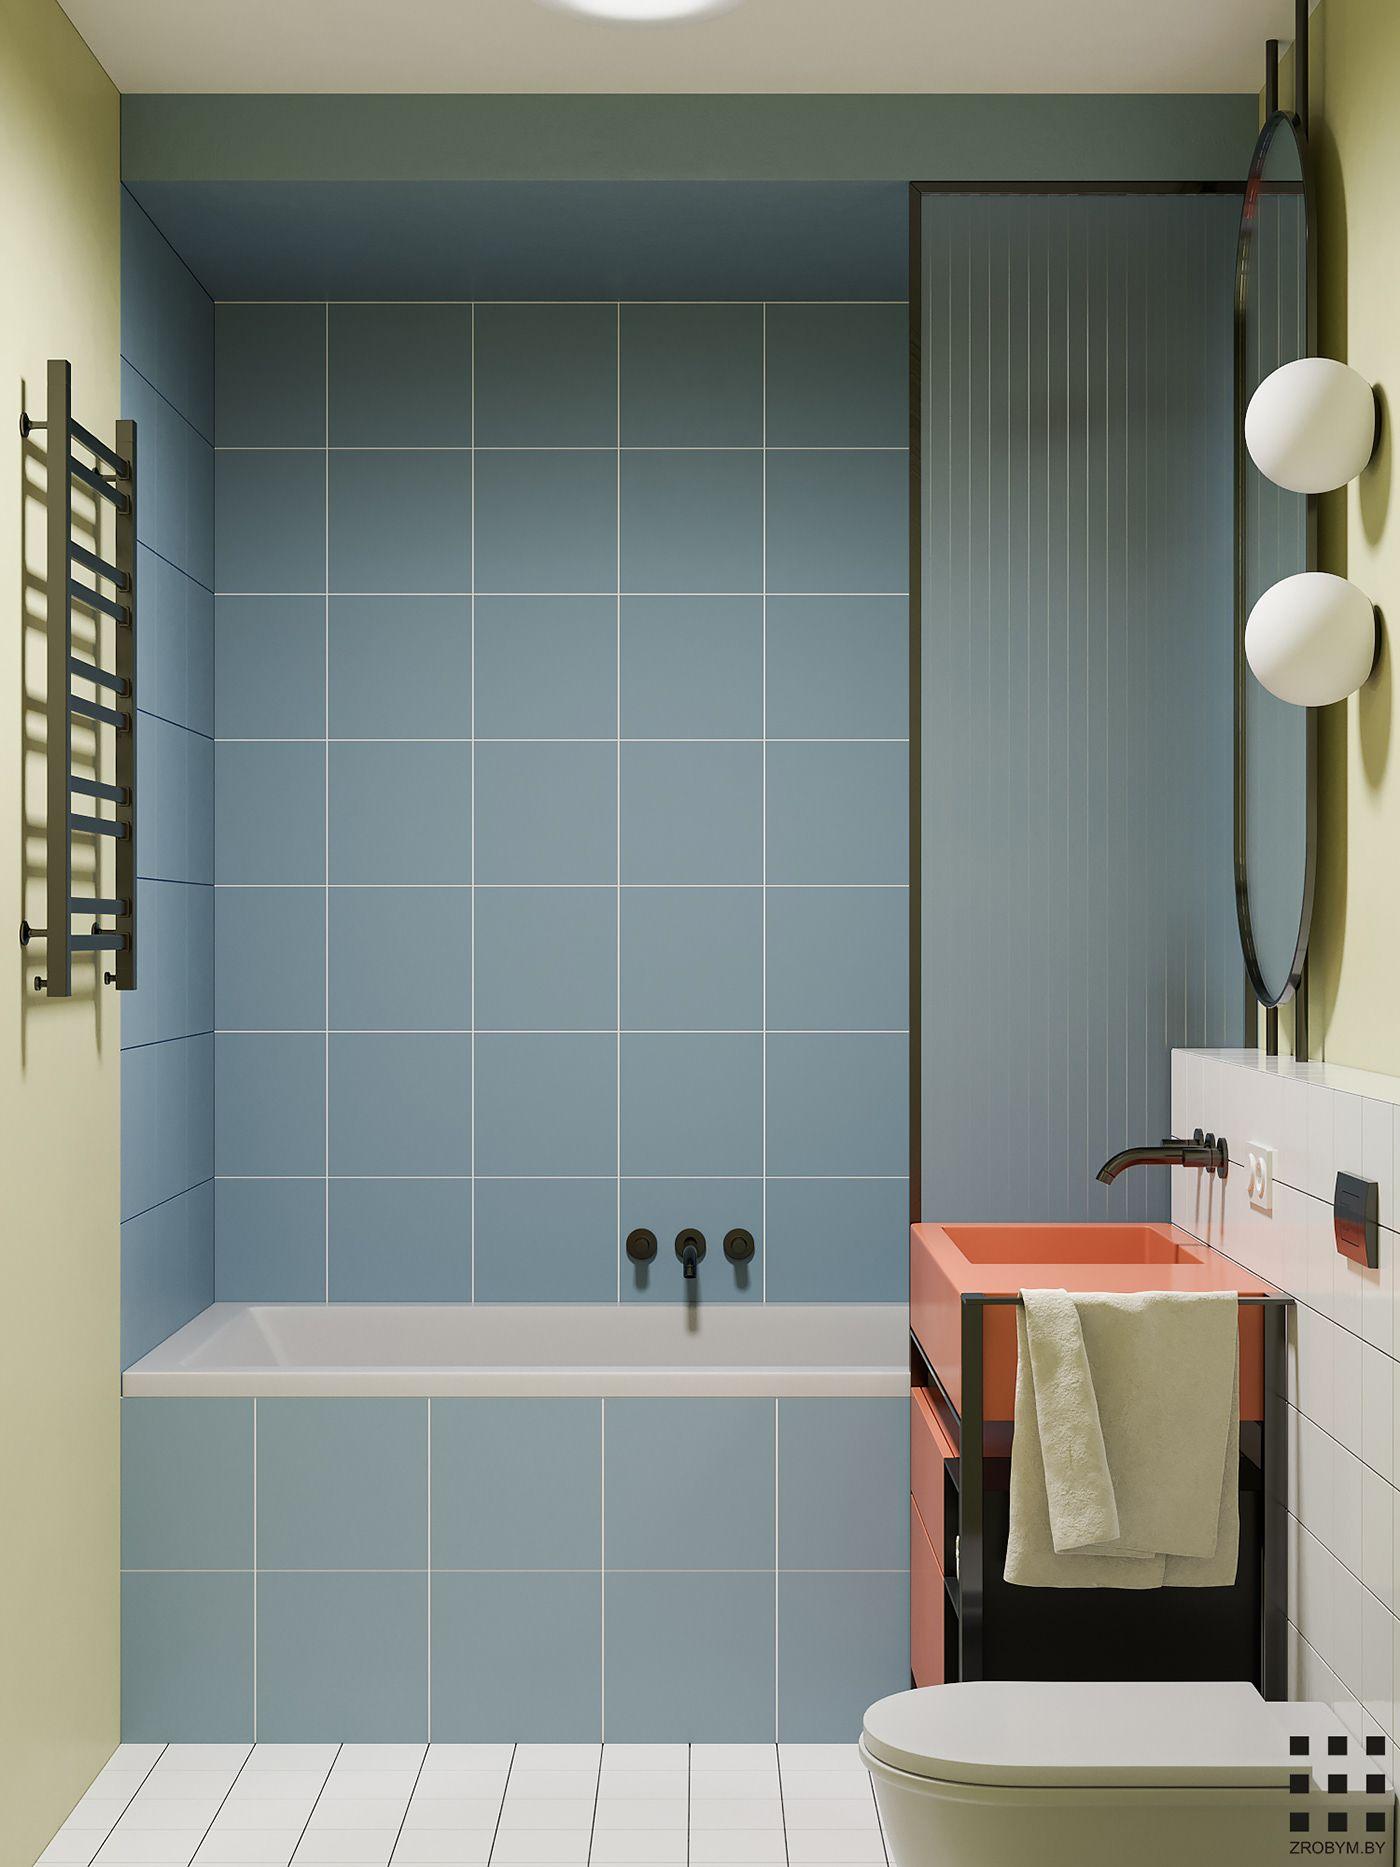 Banana Flat On Behance Bathroom Interior Design Bathroom Interior Bathroom Inspiration